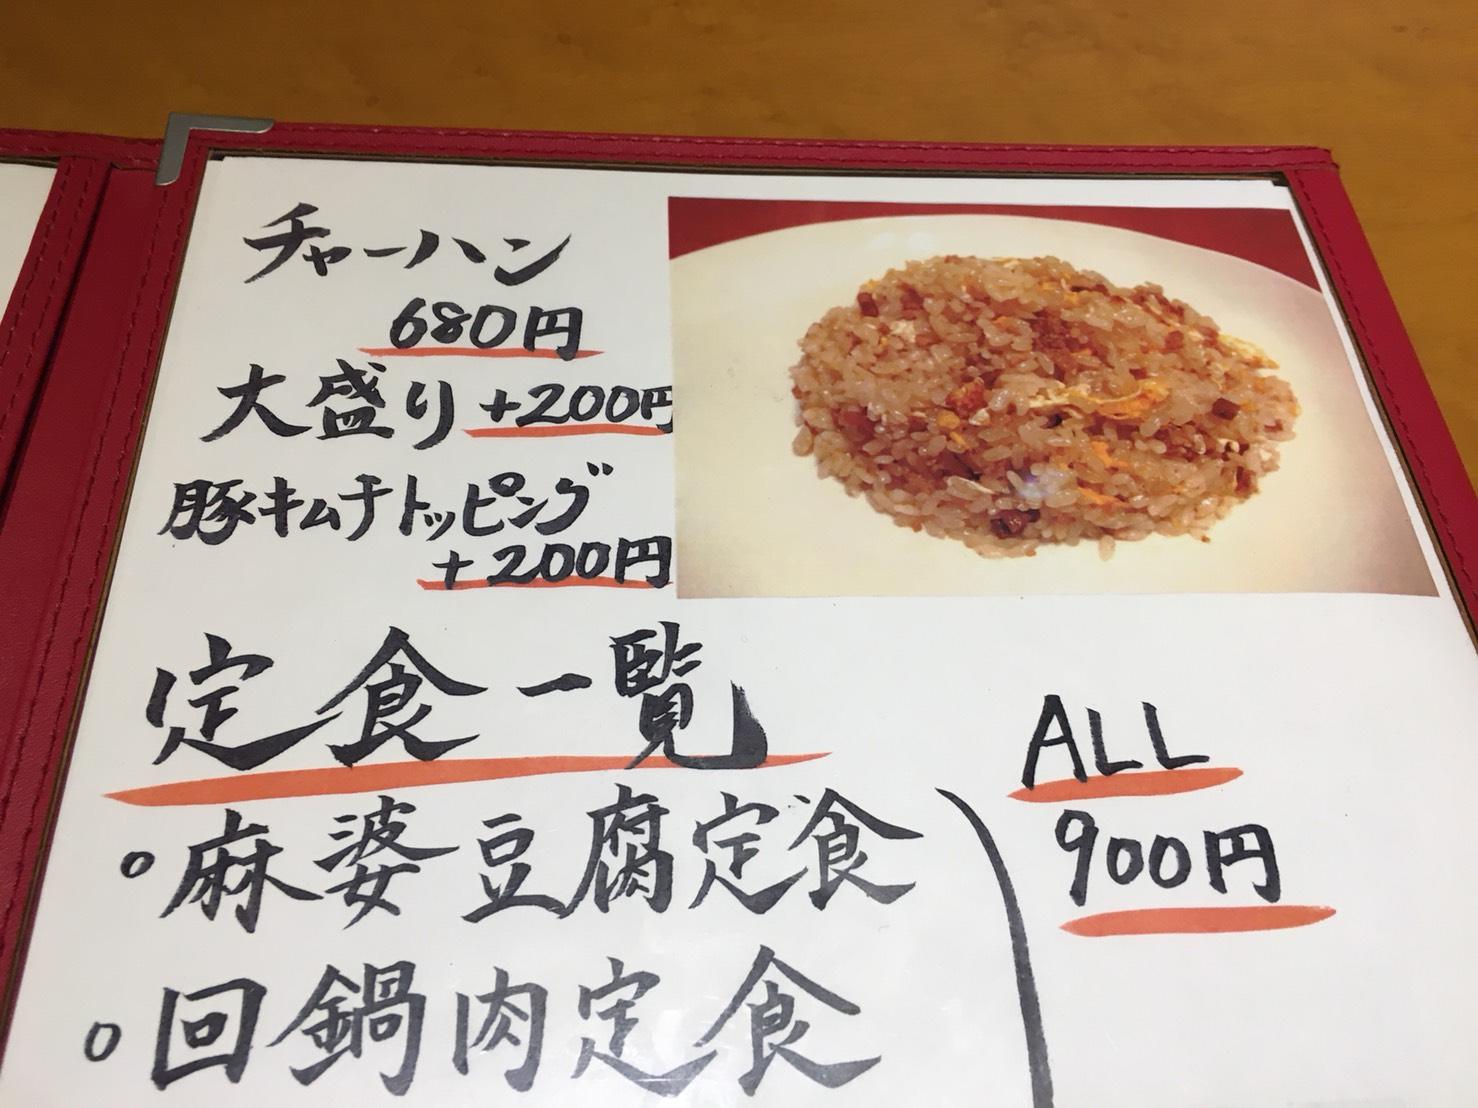 【大塚駅】チャーハン美味〜!やさしい中華のニューフェイス。大塚の「車 大塚本店」のメニュー